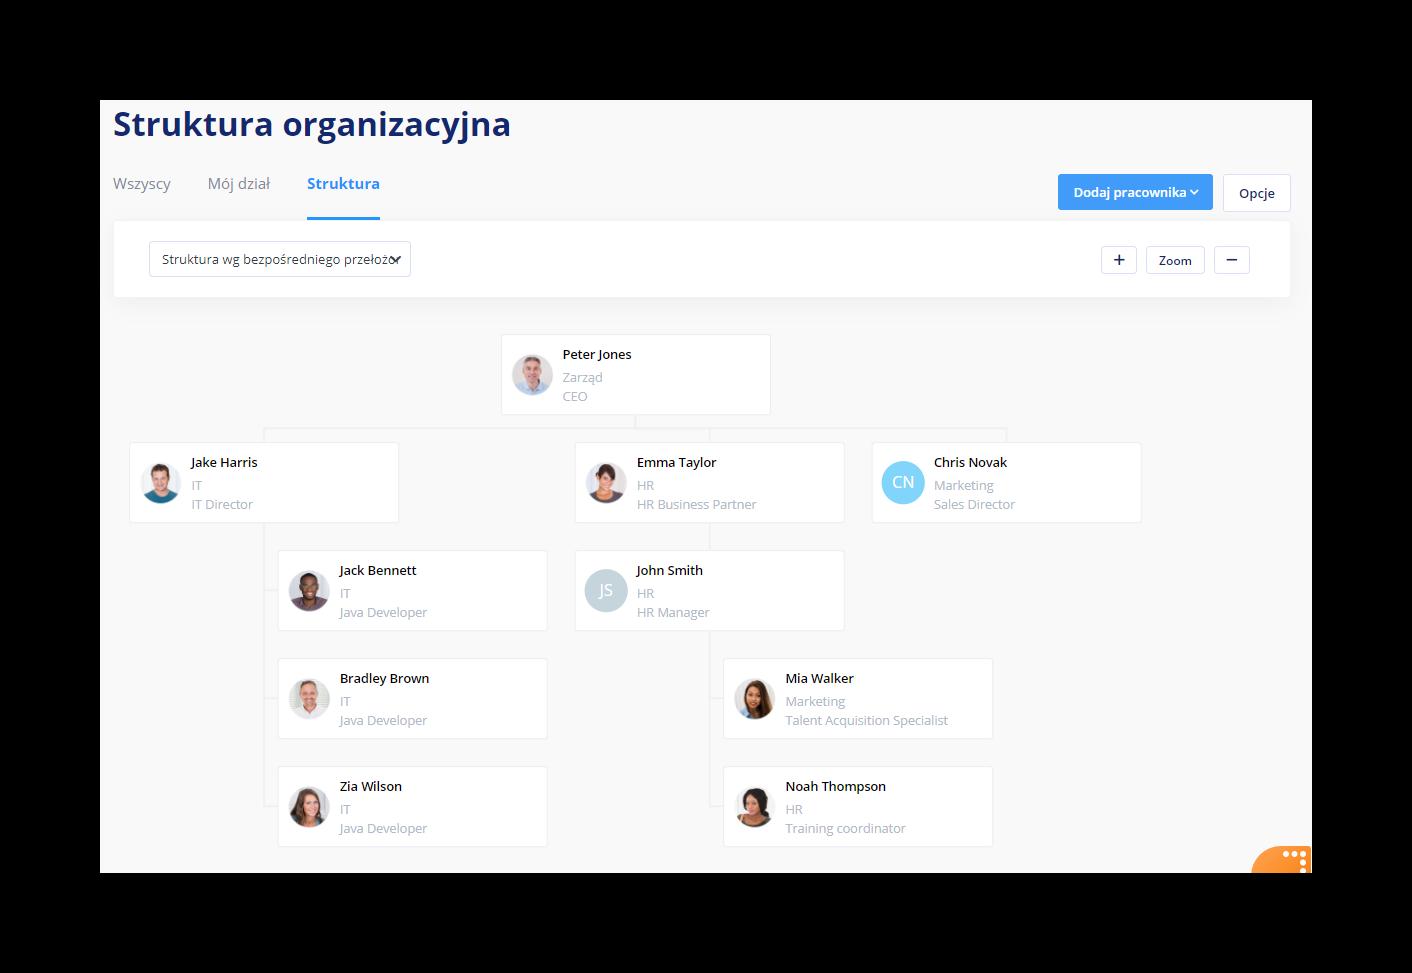 Struktura organizacyjna w firmie - Pracownicy - System HR